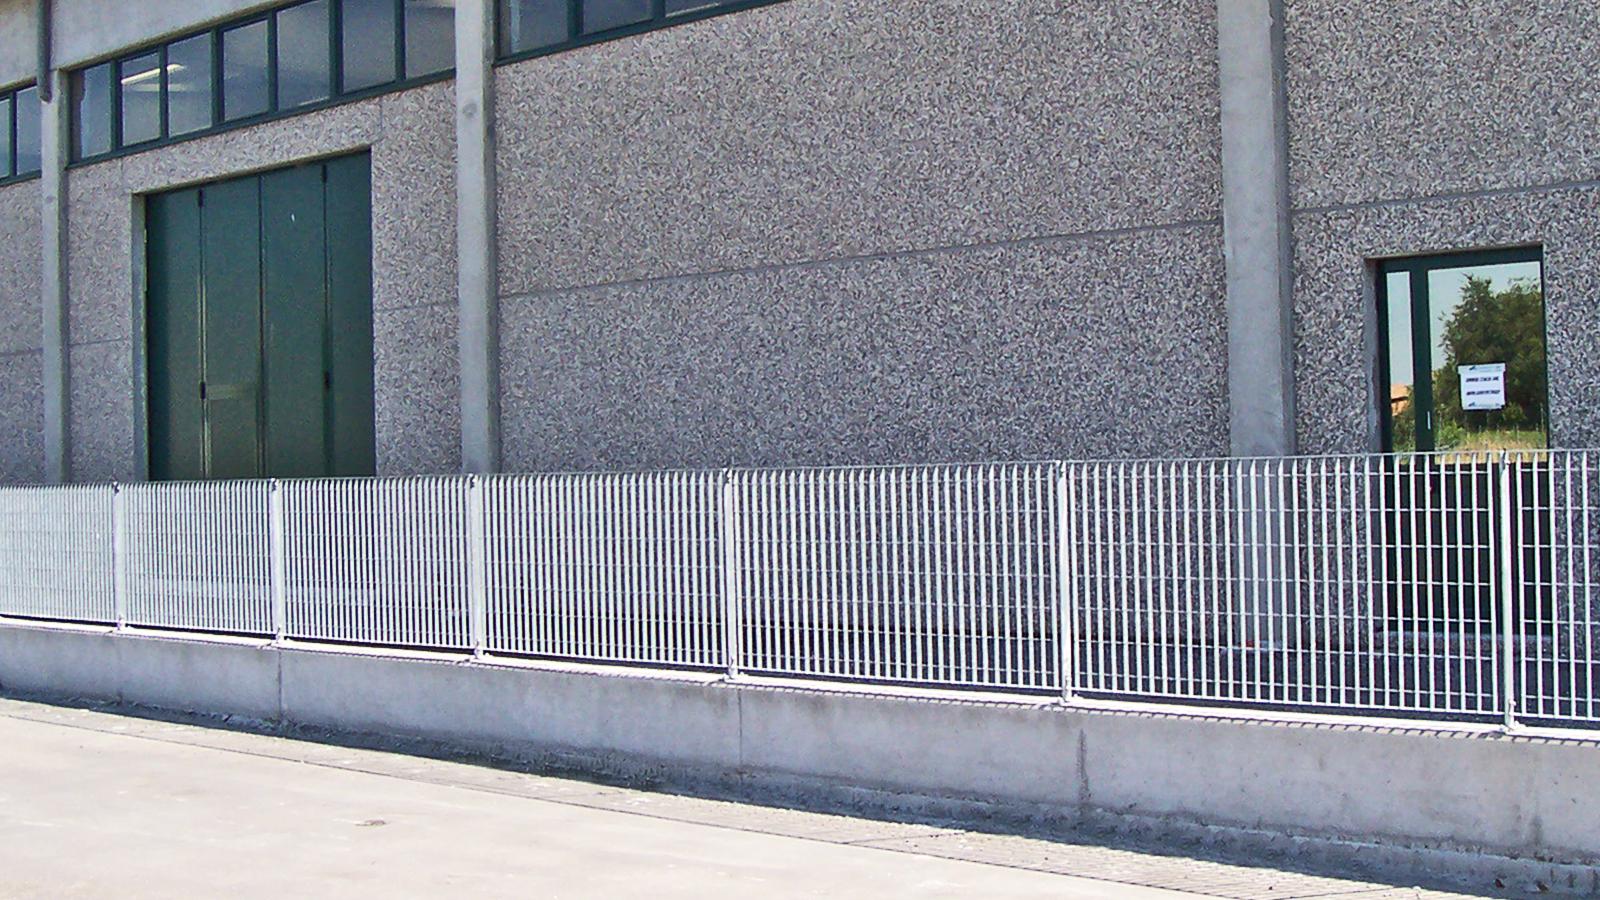 Cancelli e recinzioni - Modello Grigliato verticale